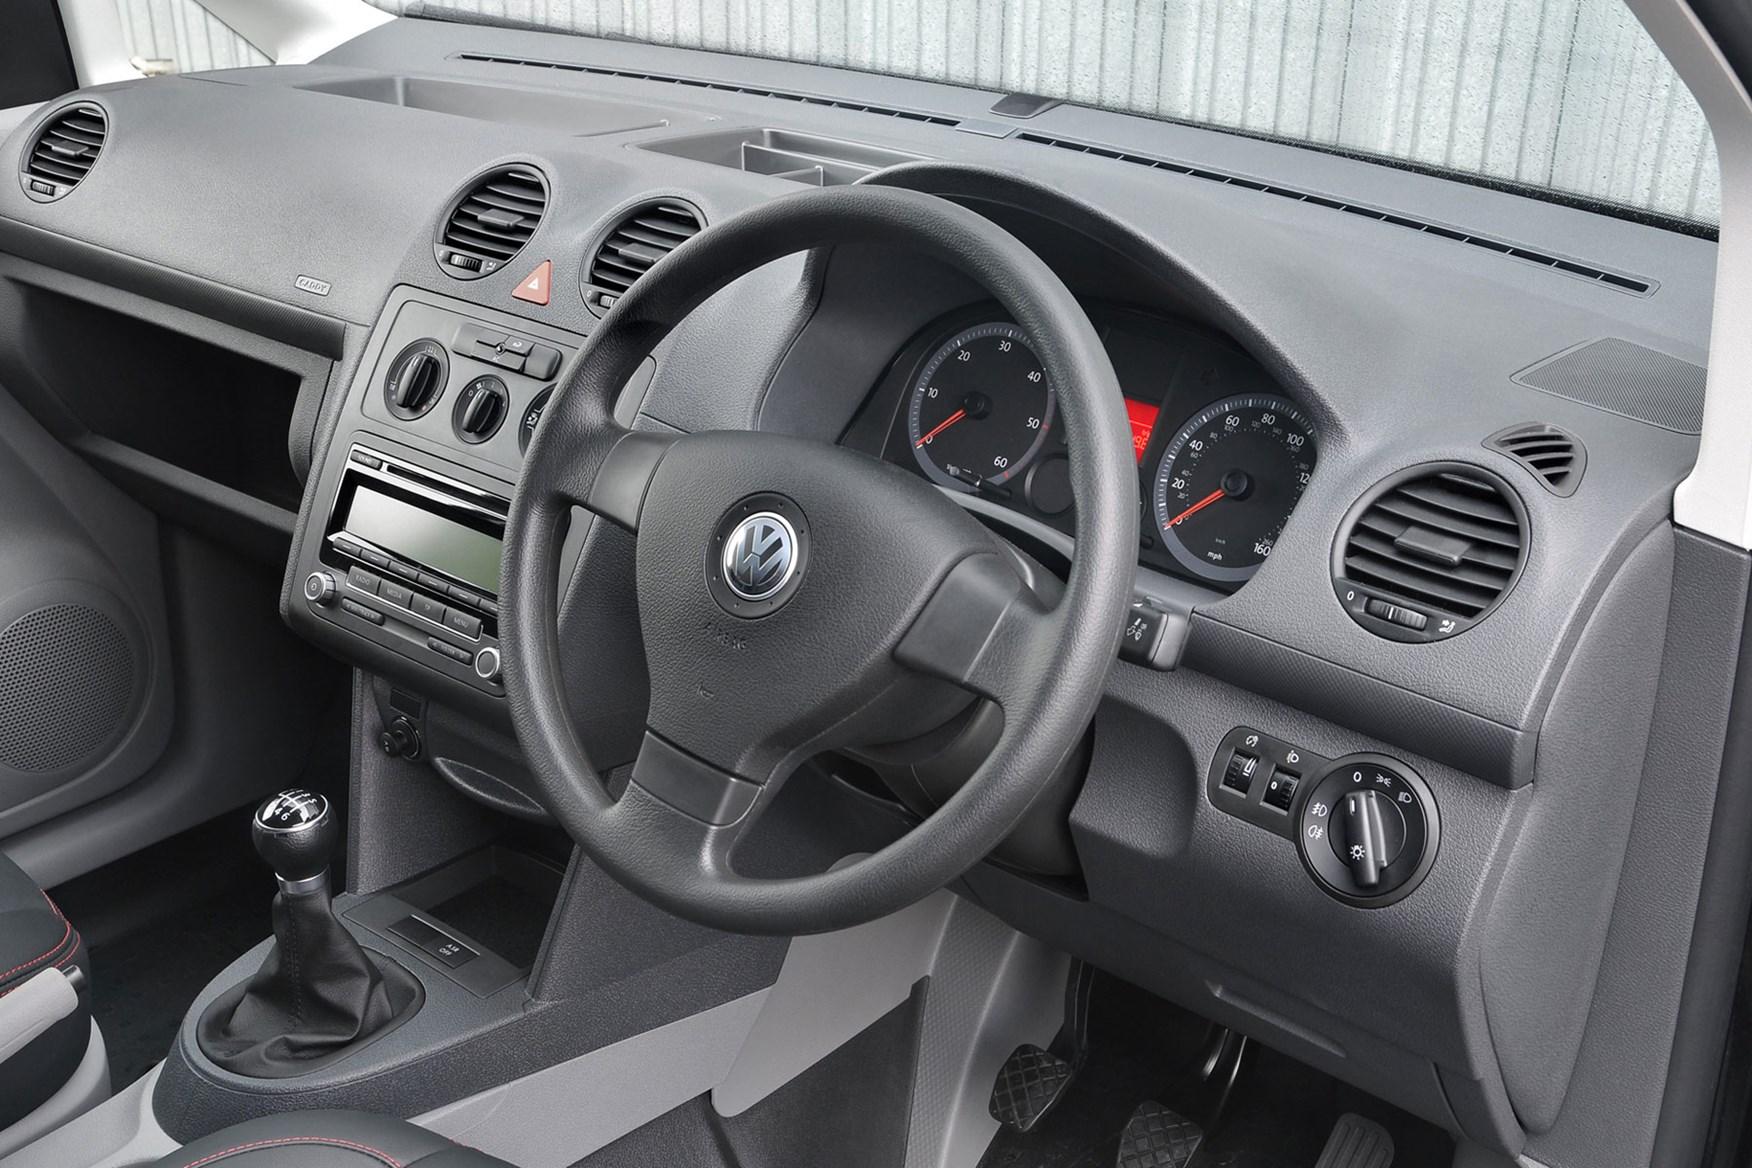 Beste Volkswagen Caddy van review (2004-2010) | Parkers SJ-24